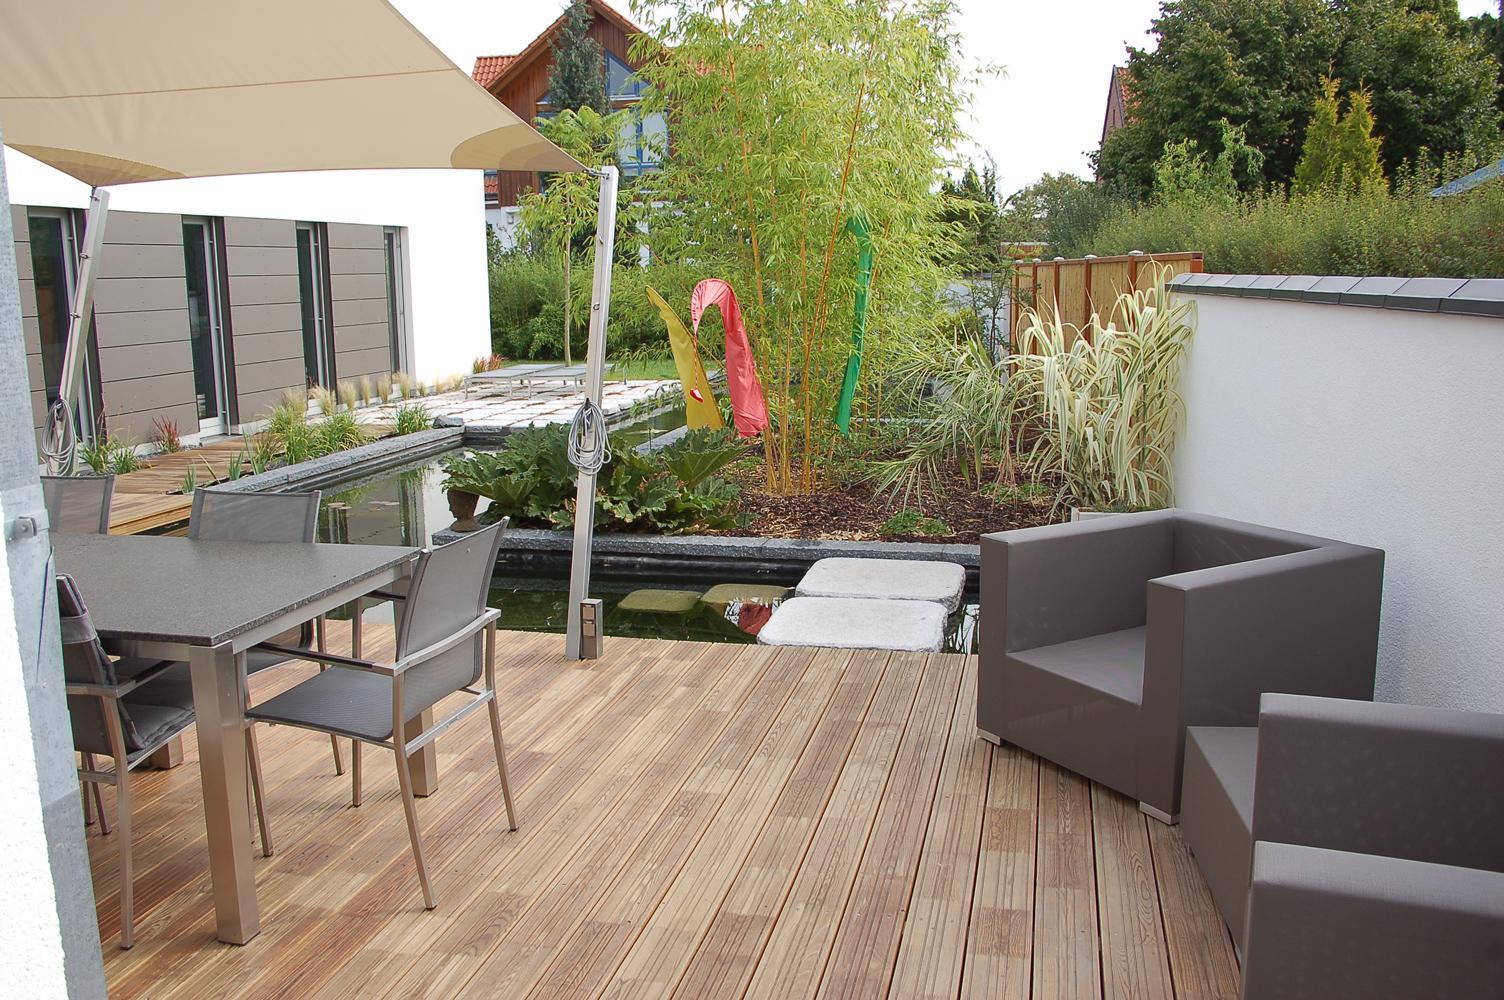 Asiatische Gartengestaltung Bambus Und Granit Fur Haus Und Garten